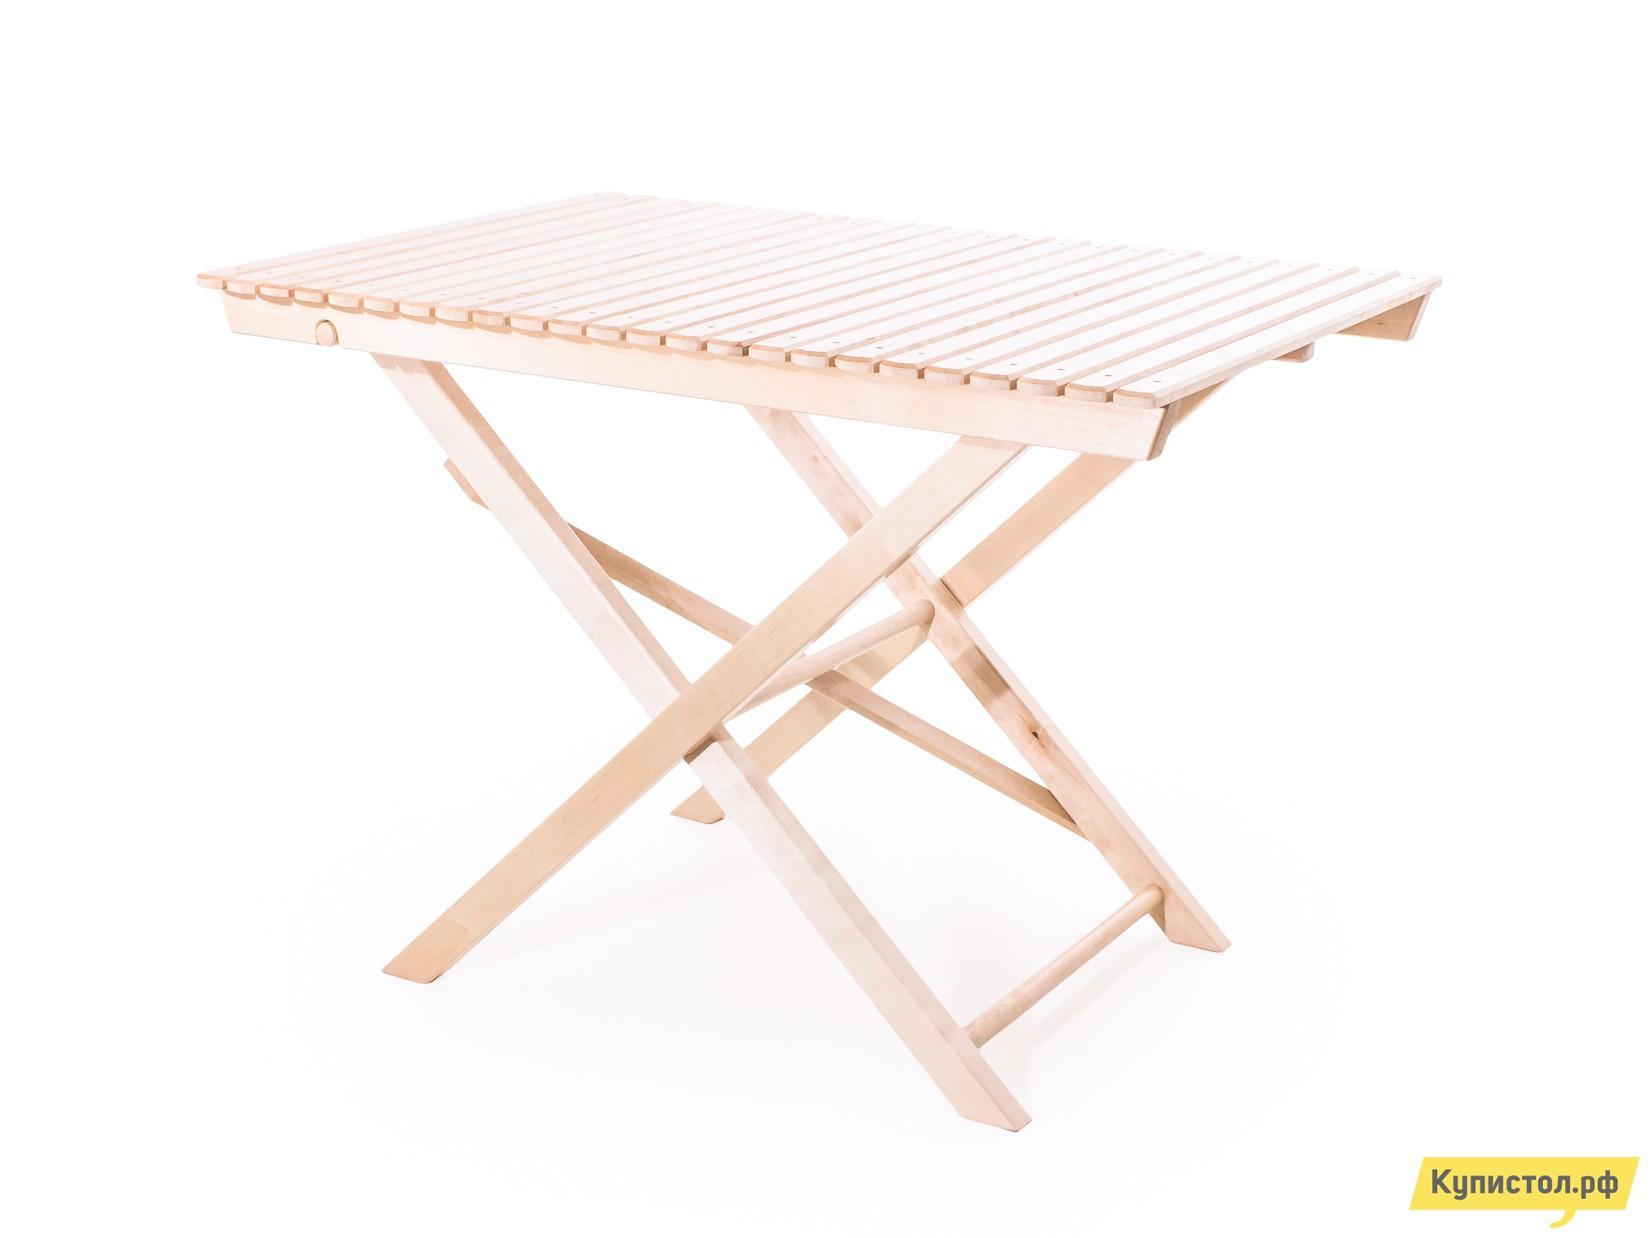 Садовый стол СМКА большой складной СМ004Б Береза